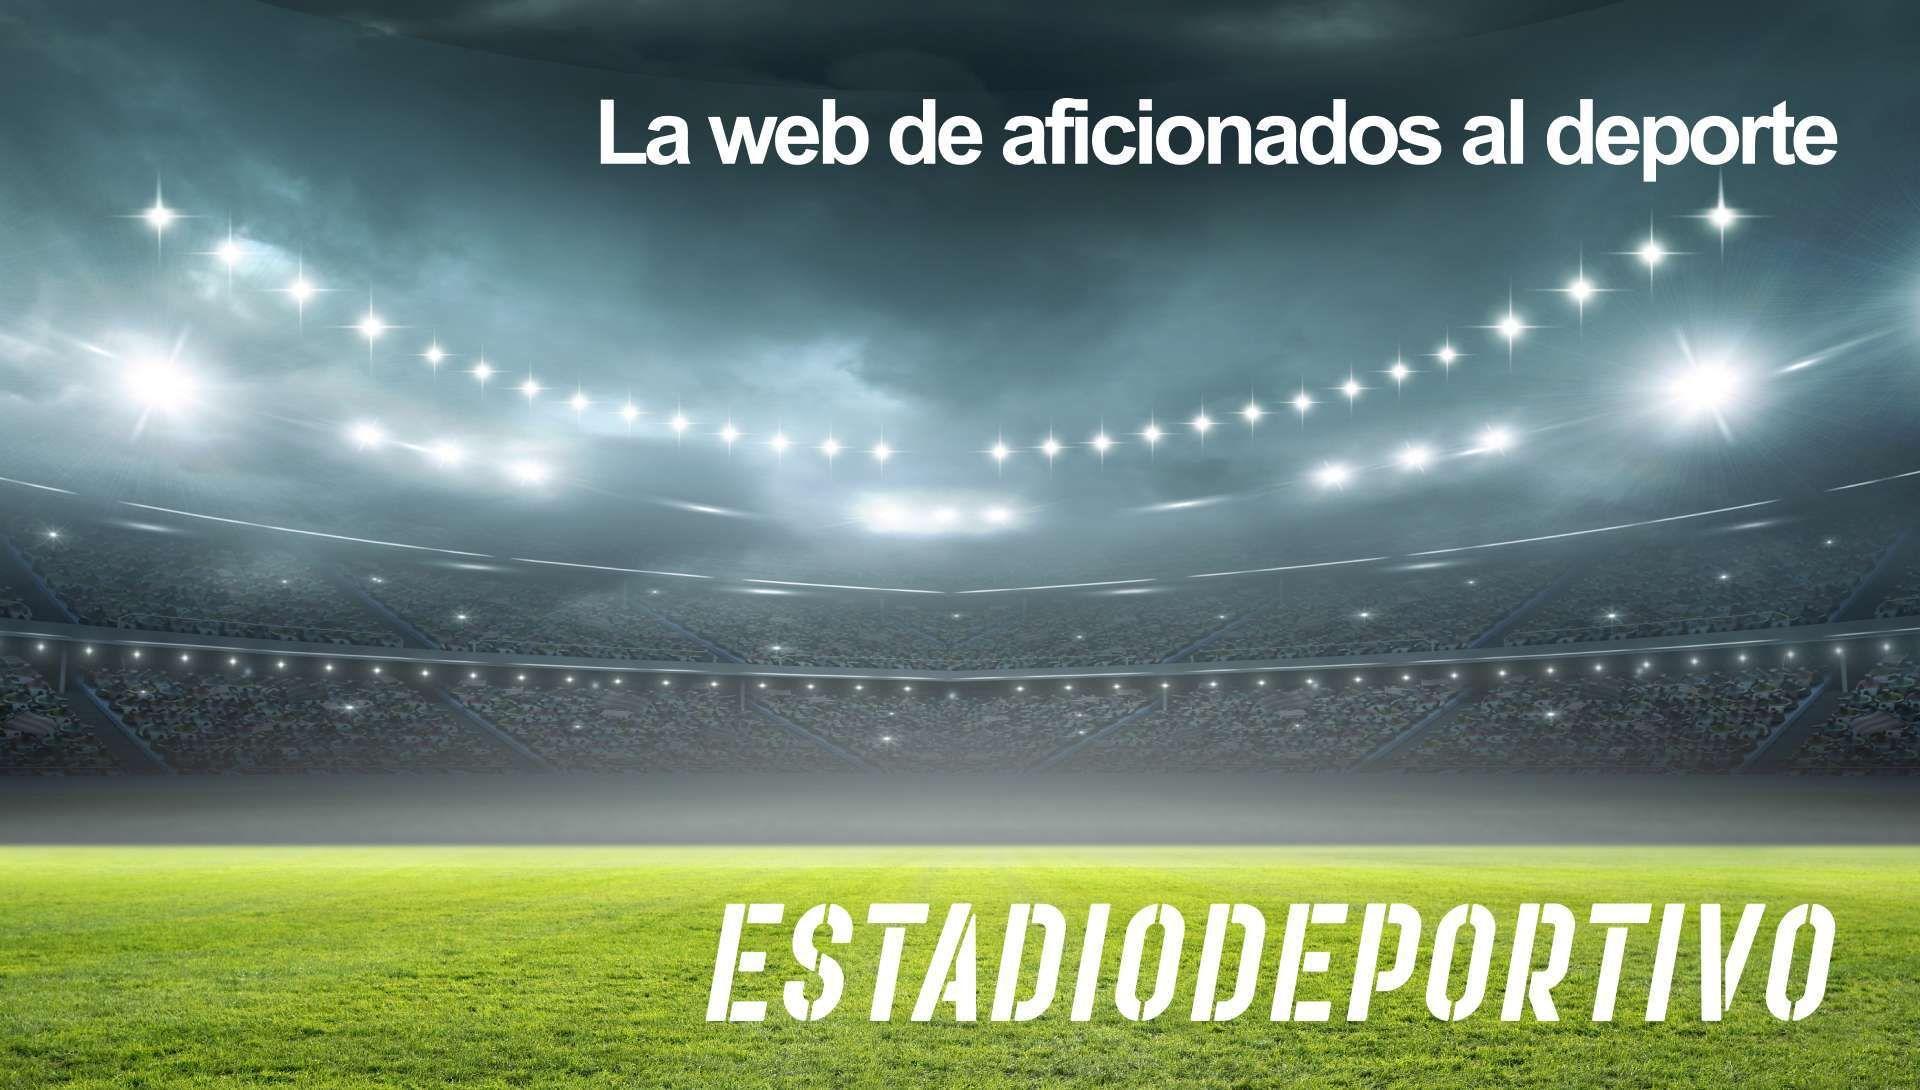 Las portadas del sábado 19 de junio